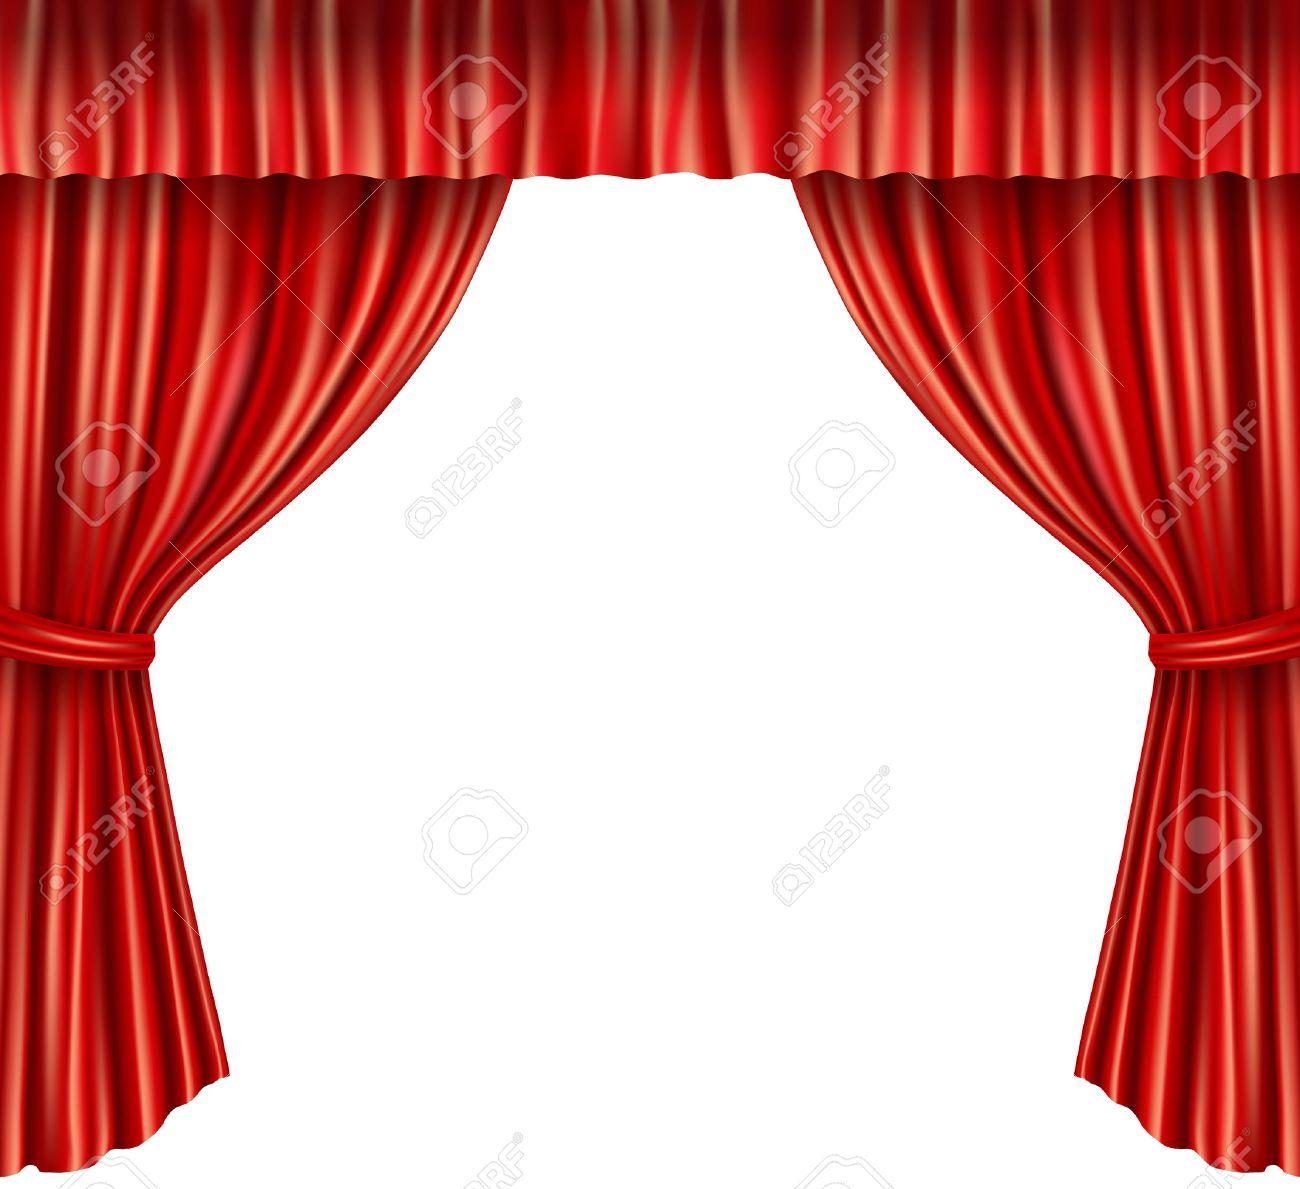 Scène De Théâtre Velours Rouge Ouverte Rideau De Style Rétro Isolé